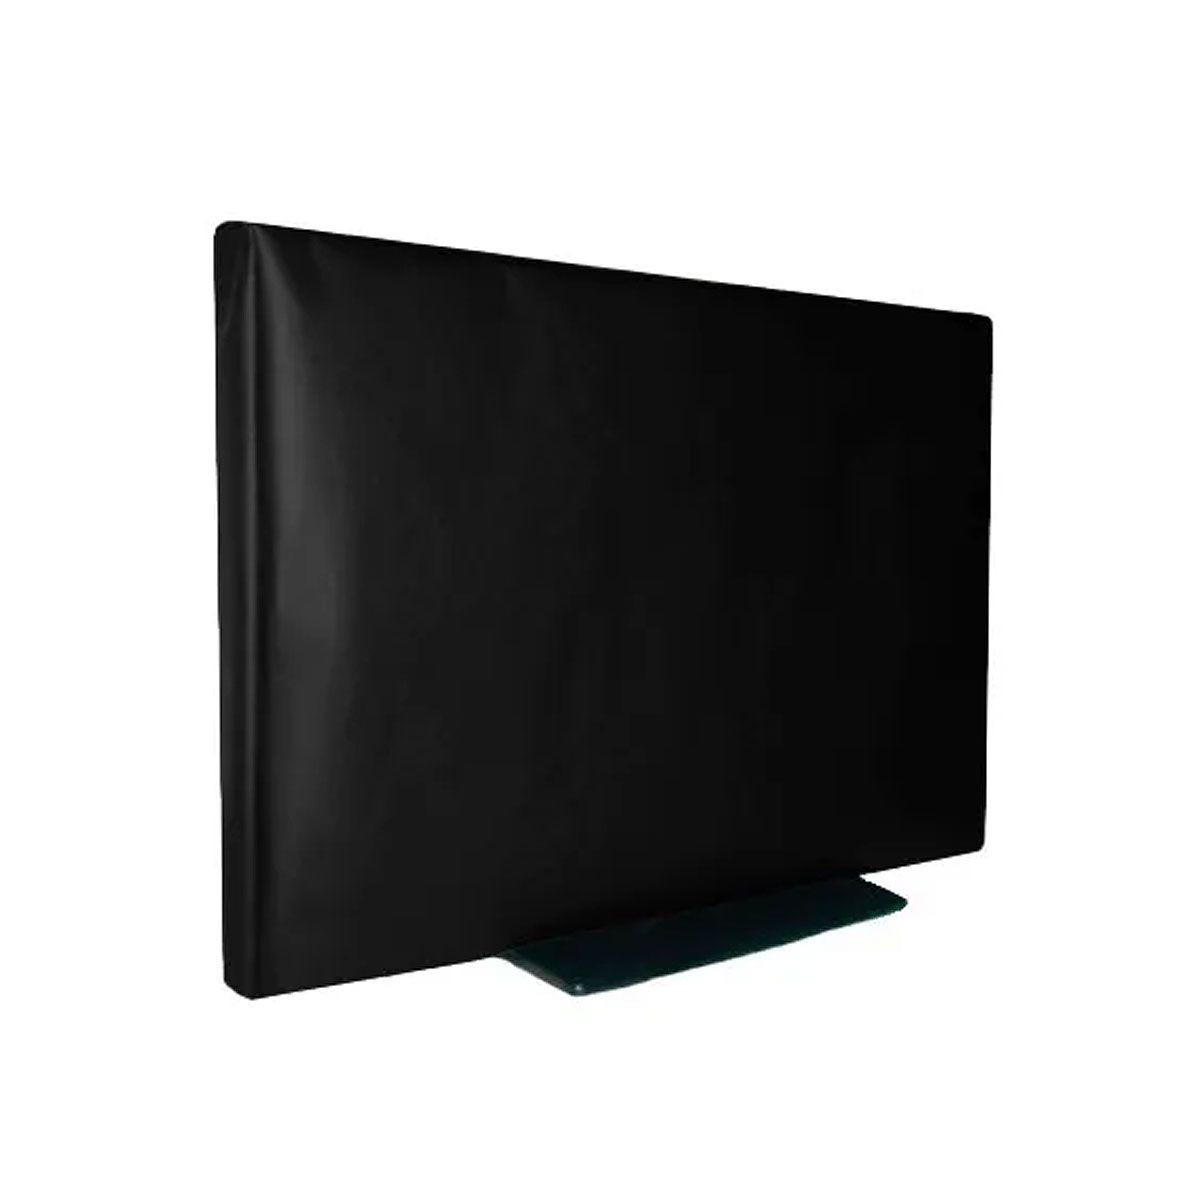 Capa Tv Lcd 26 Em Corino Com Velcro Não Sai Com O Vento